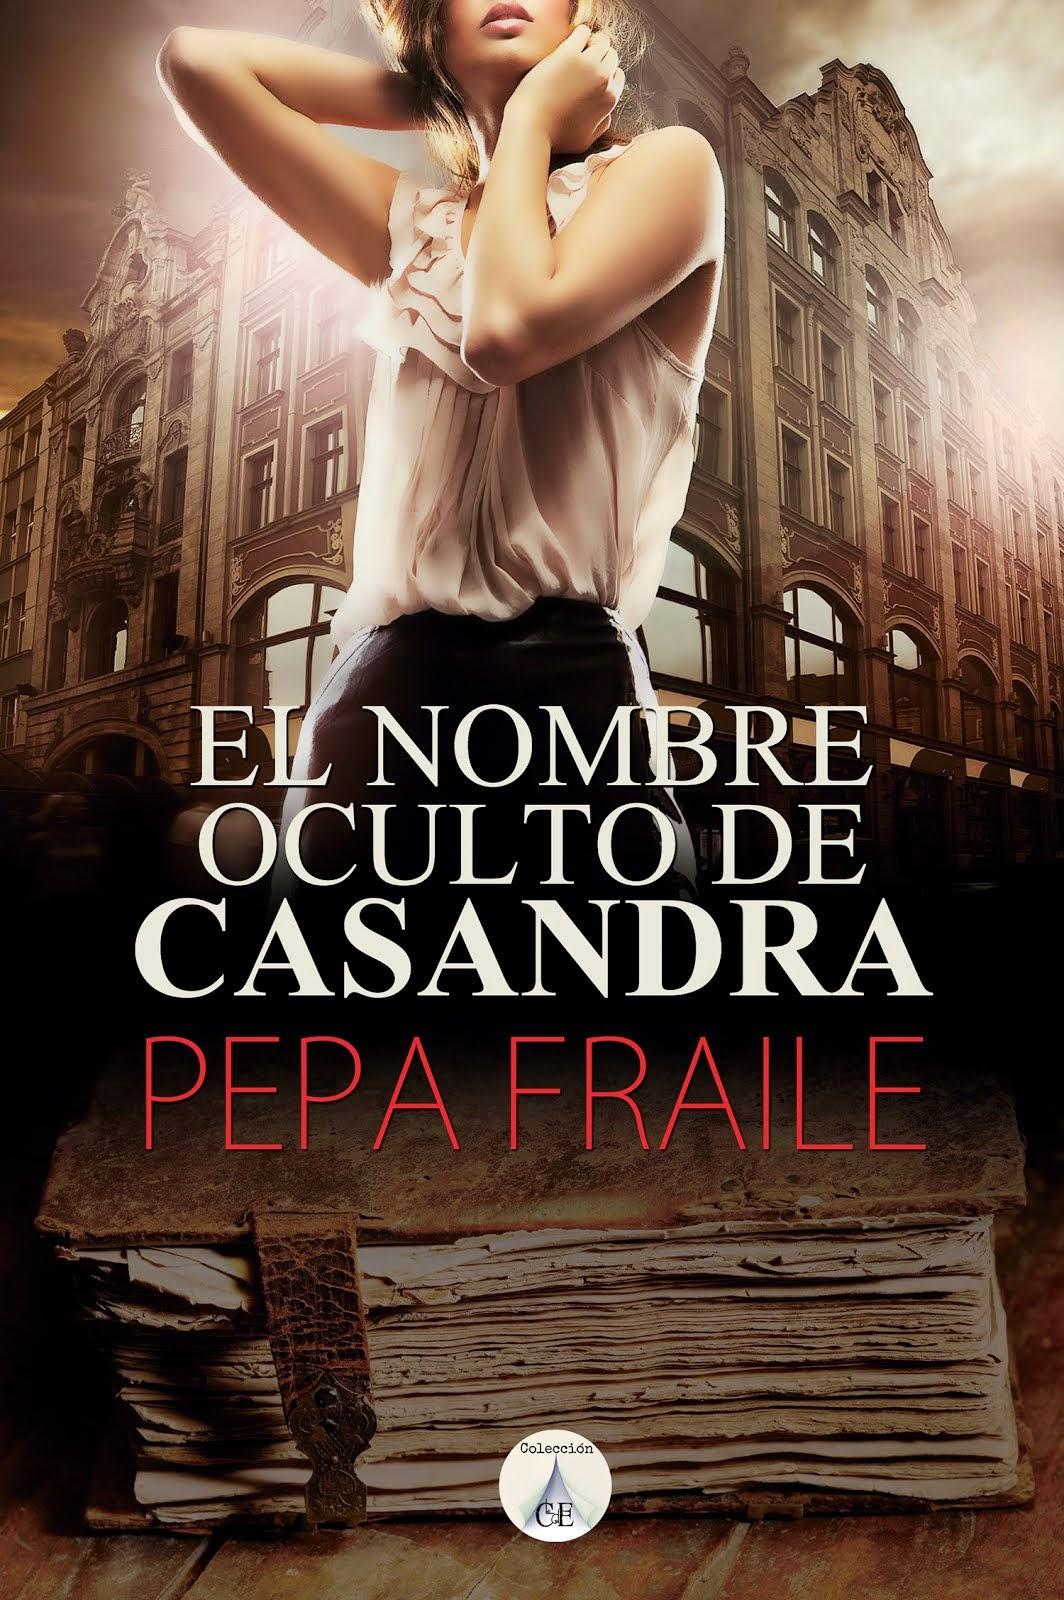 El nombre oculto de Casandra